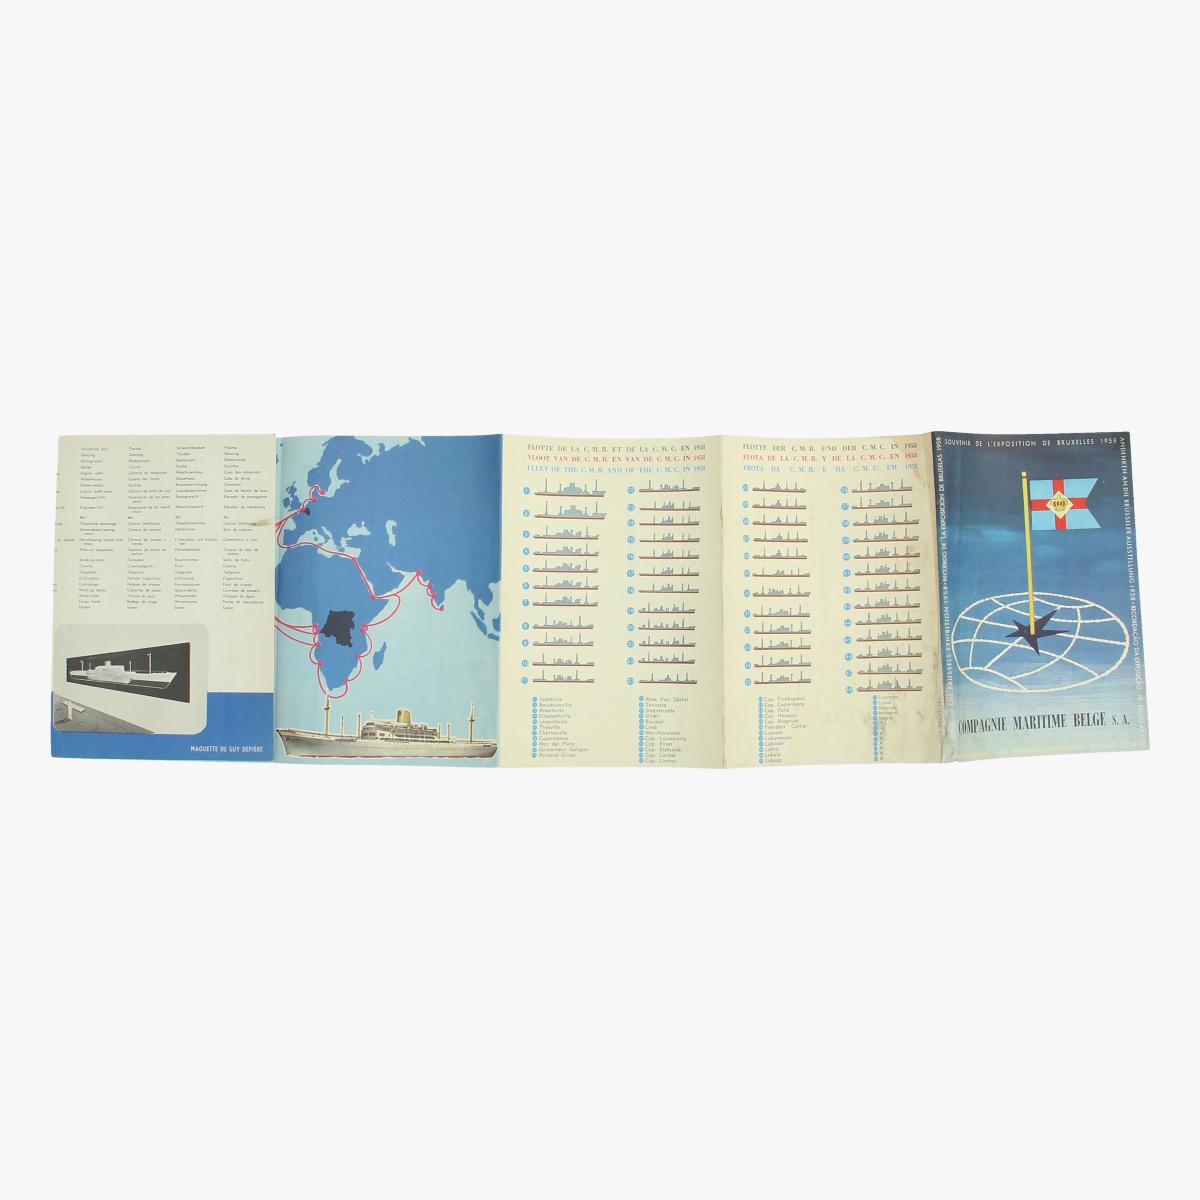 Afbeeldingen van expo 58 compagnie maritime belge s.a. herinnering aan de tentoonstelling brussel 1958